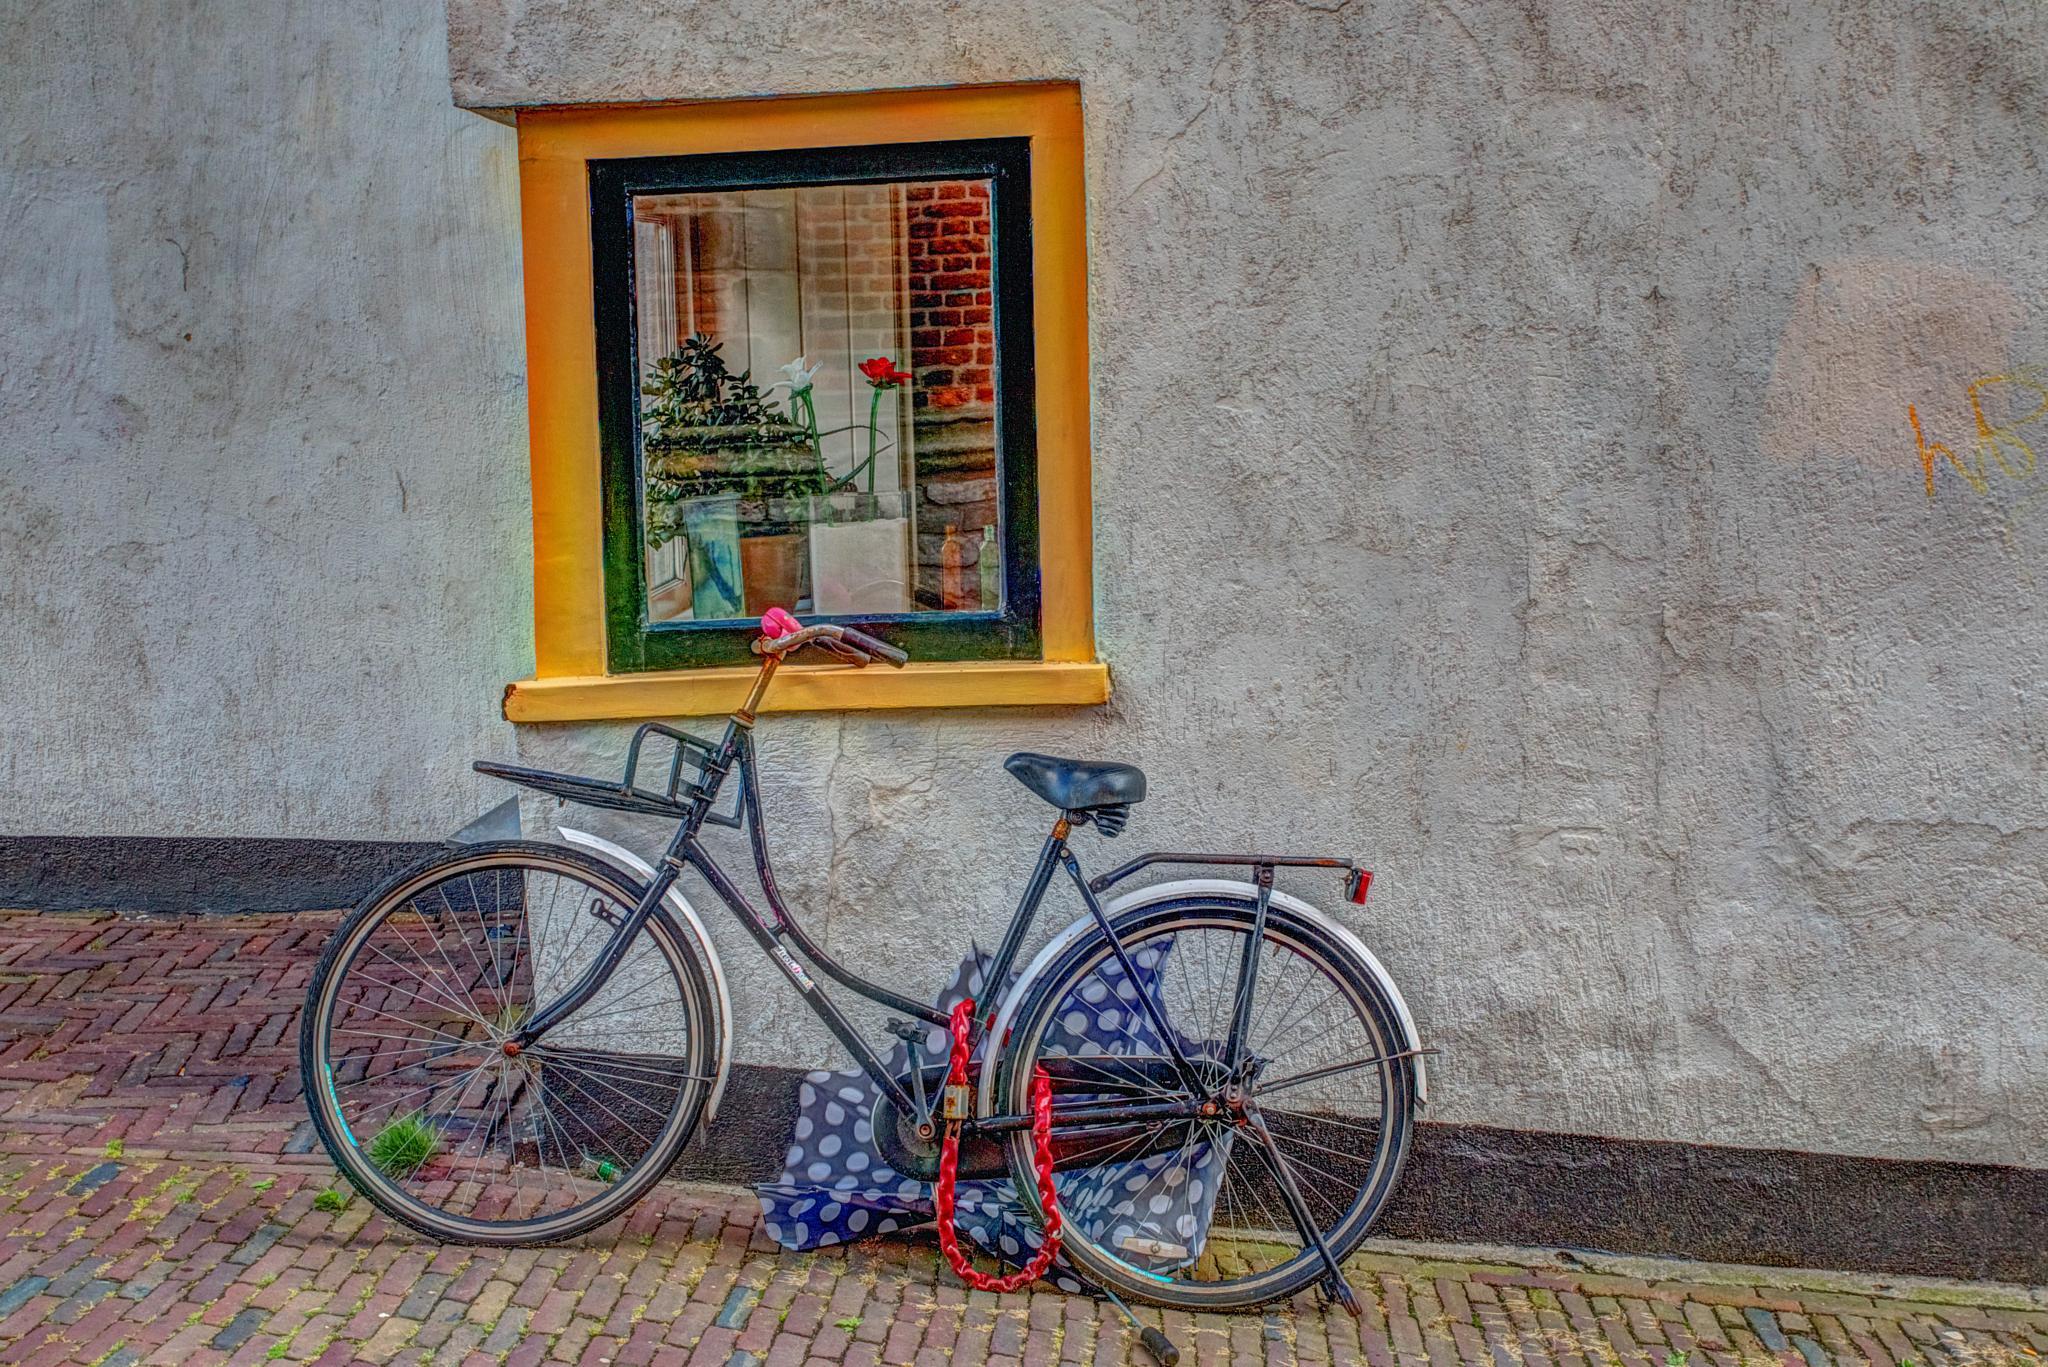 Bike in Old Centre of Amersfoort by Herman de Raaf